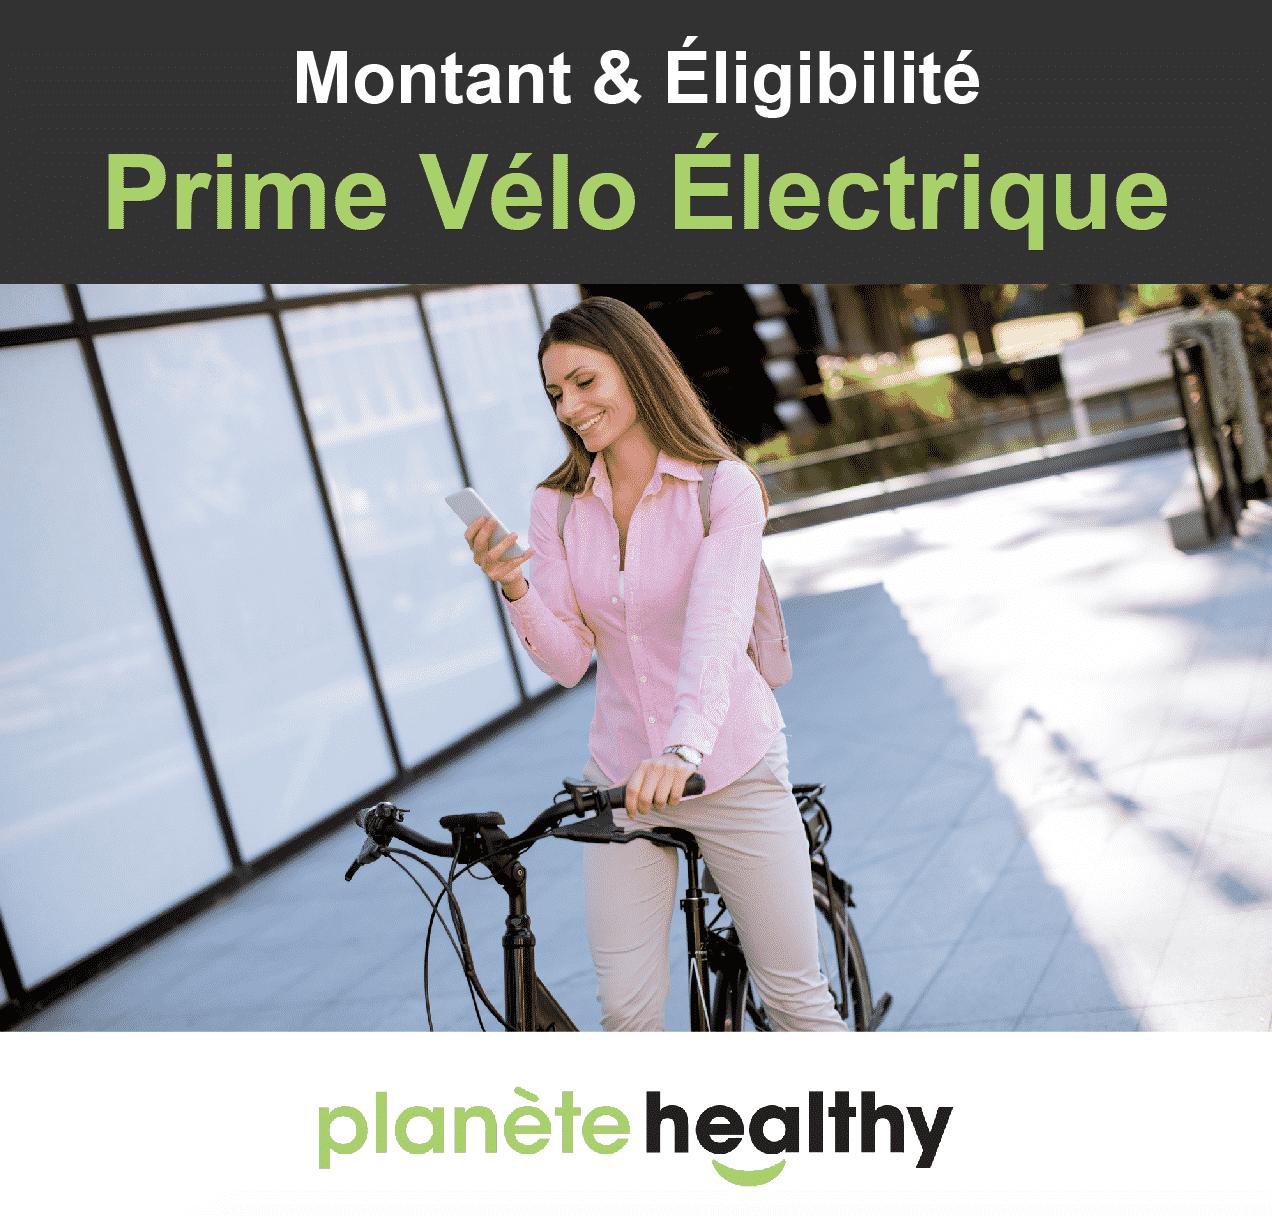 Prime vélo électrique 2020 : Comment l'obtenir ? (Éligibilité & montant)